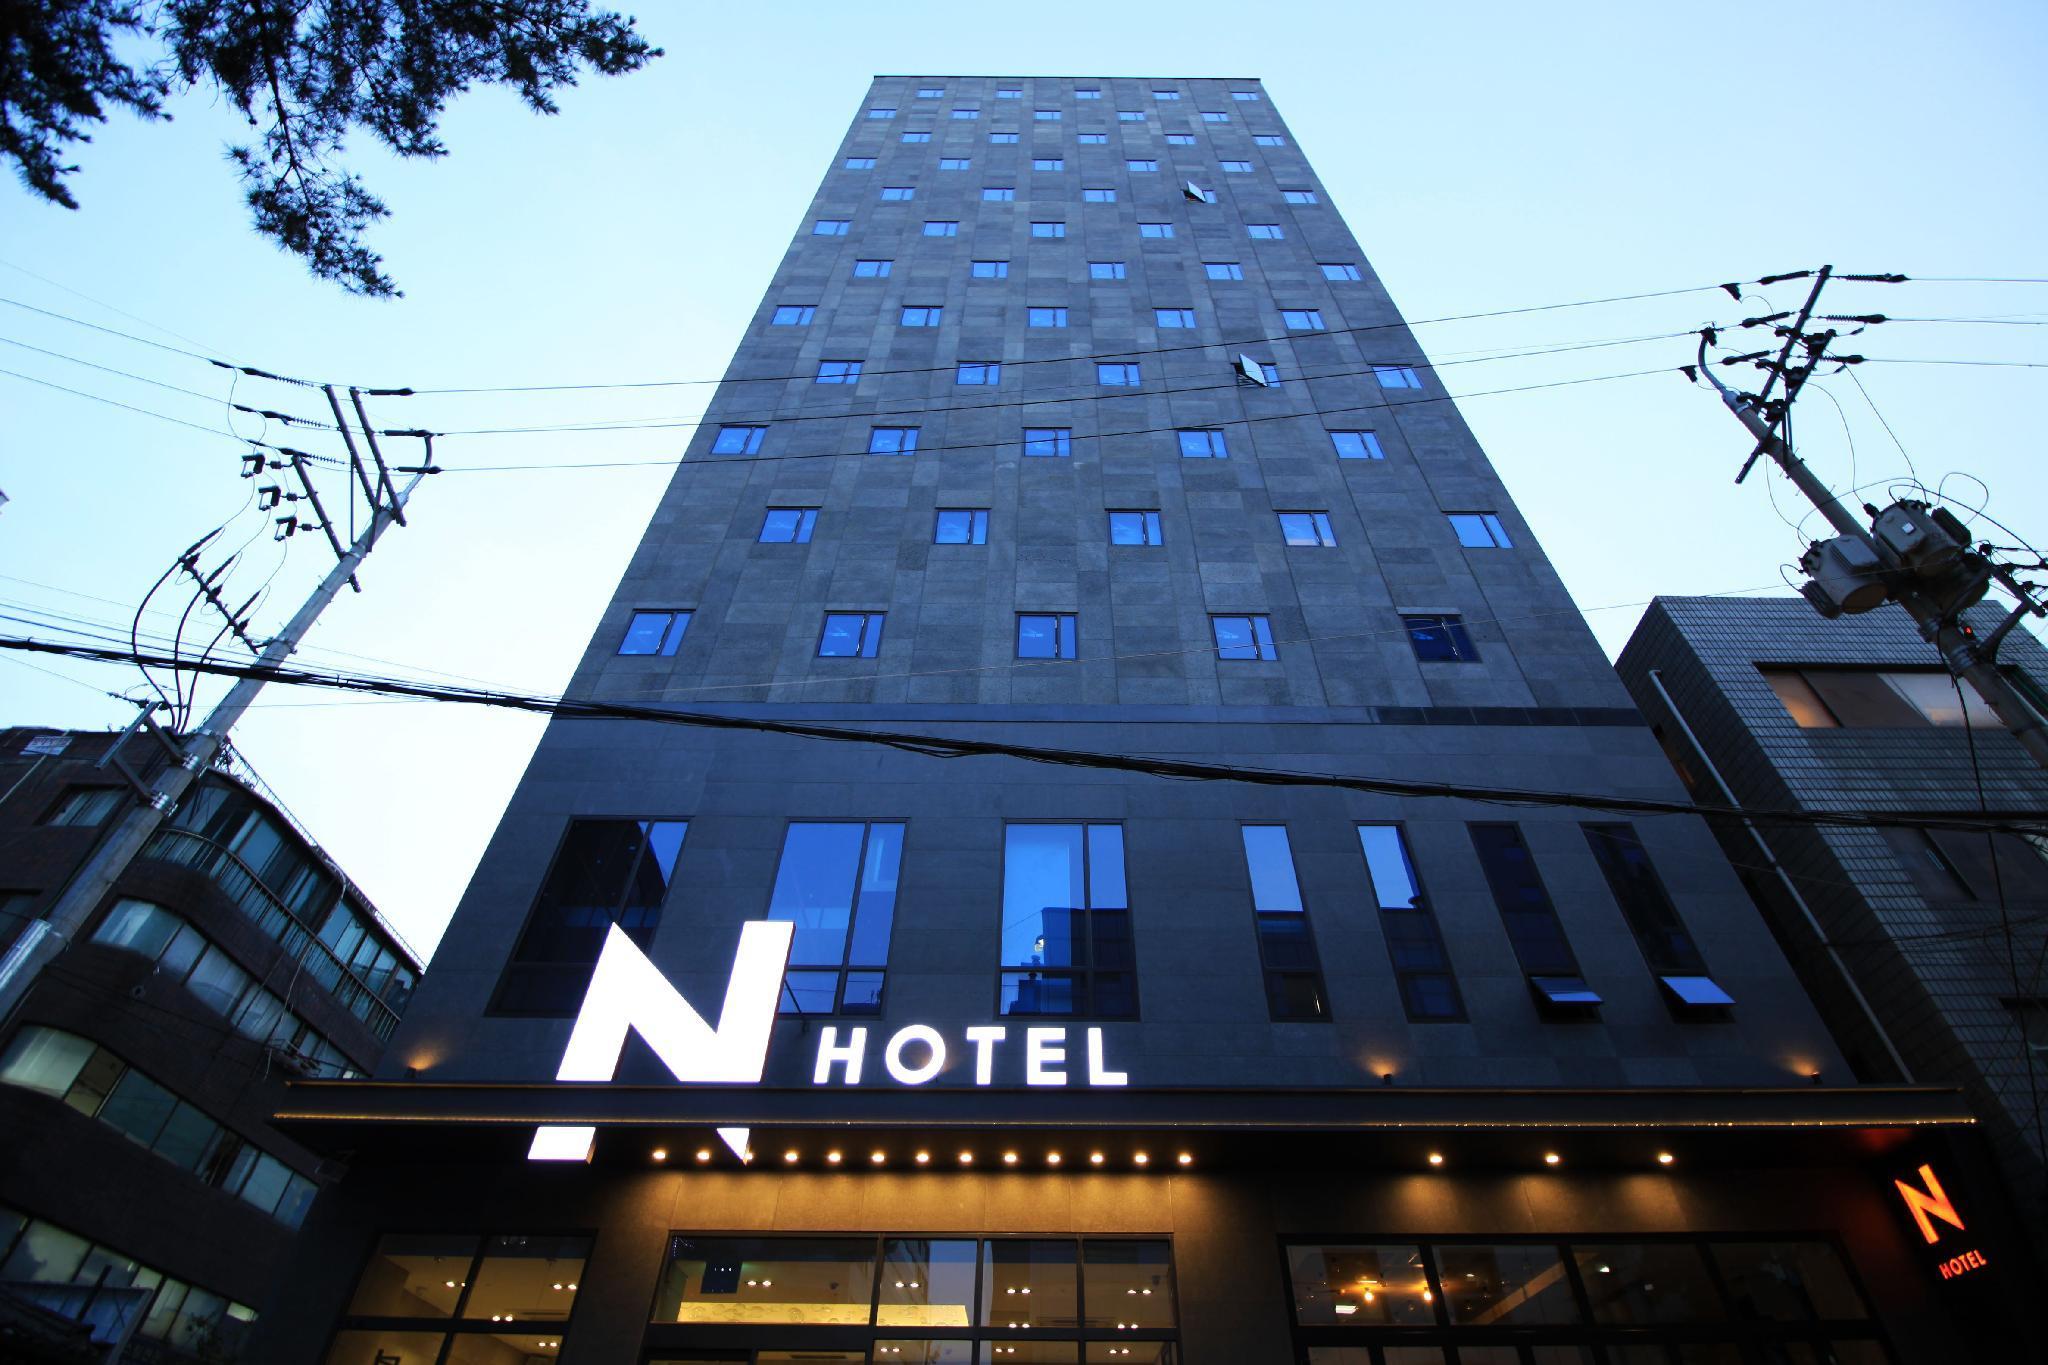 Seoul N Hotel Dongdaemun